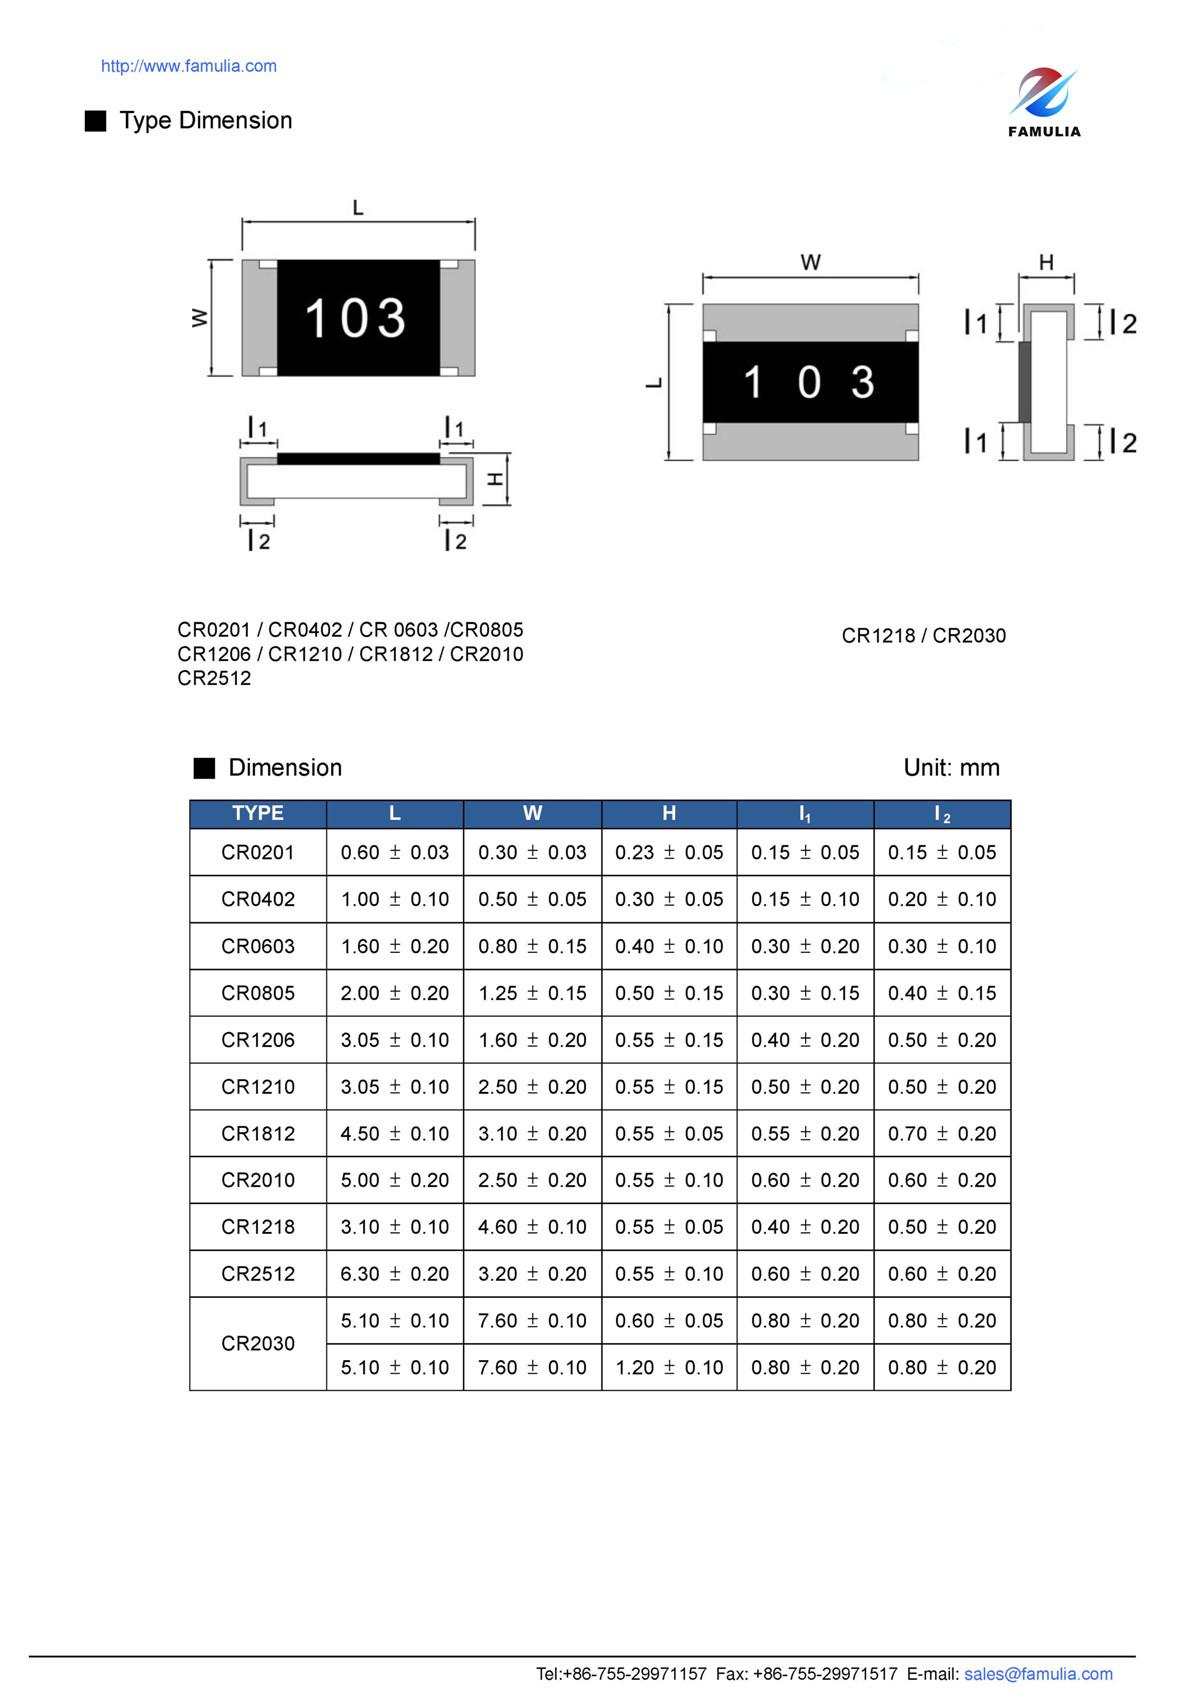 CR系列厚膜晶片电阻_页面_2.jpg